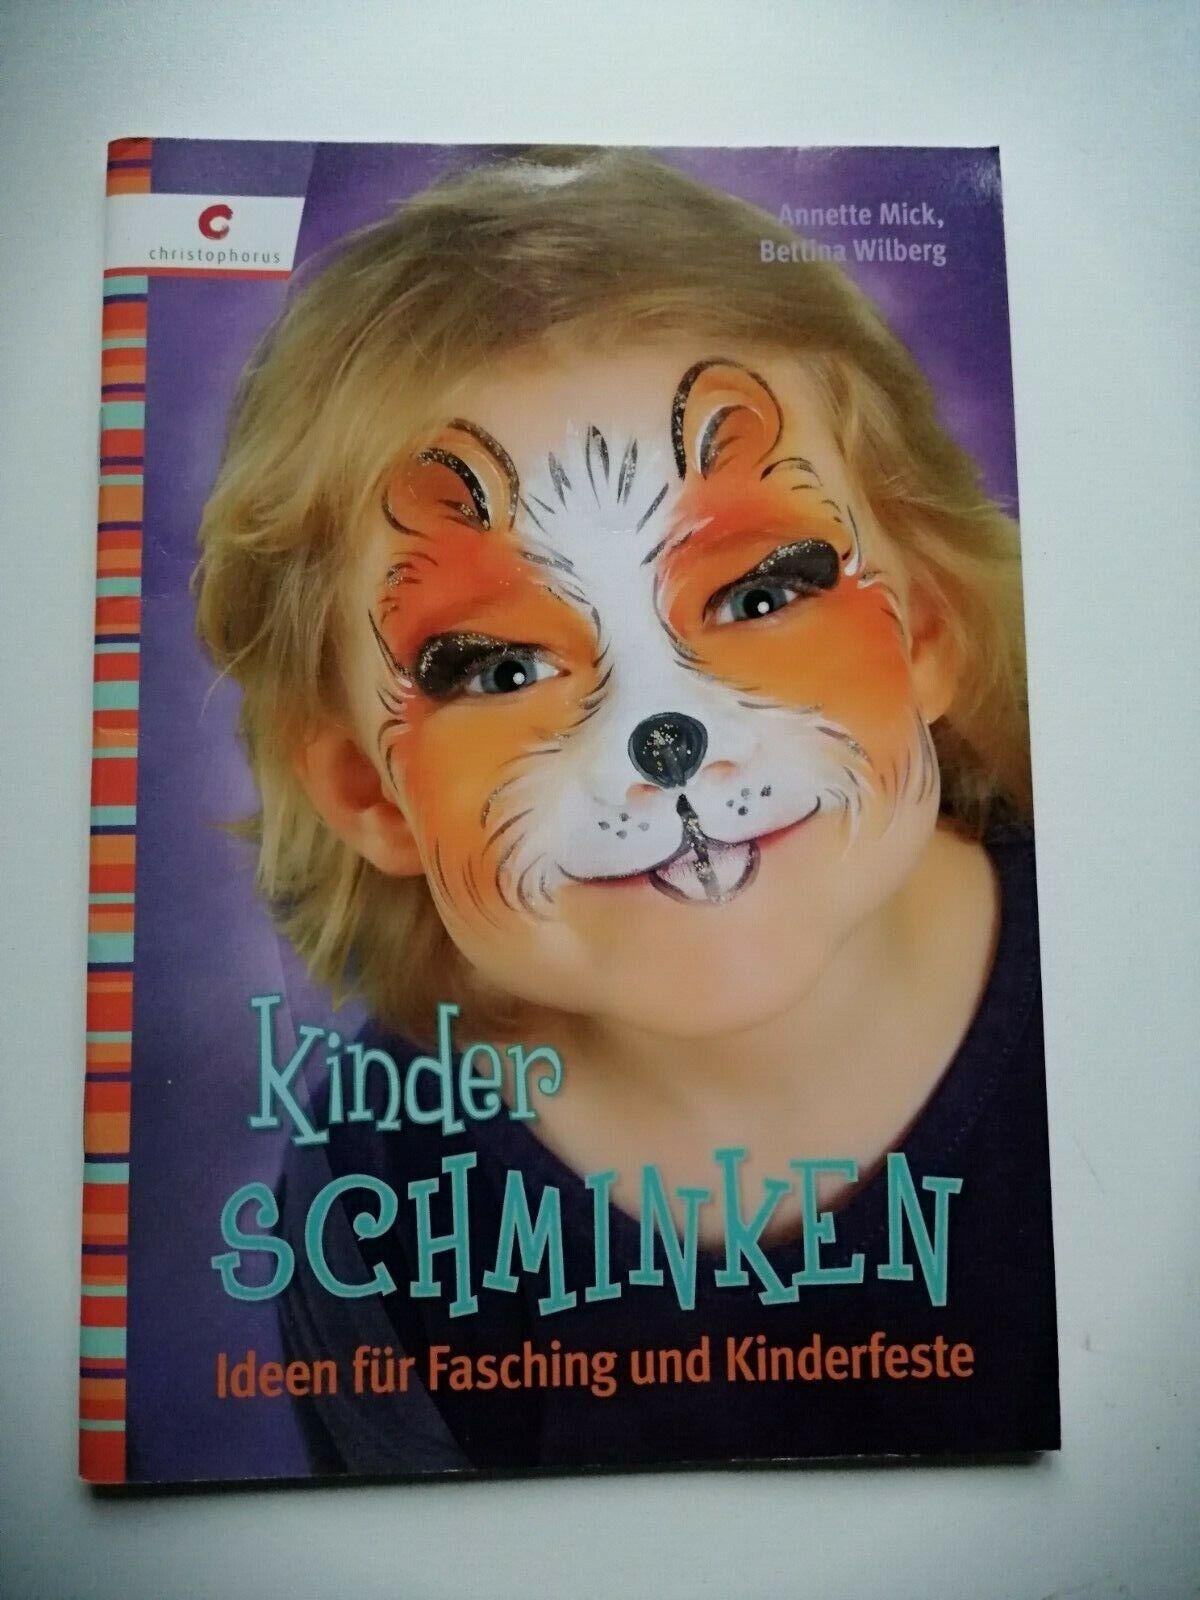 Kinderschminken Annette Mick B. Wilberg Ideen für Fasching und Kinderfeste TOP